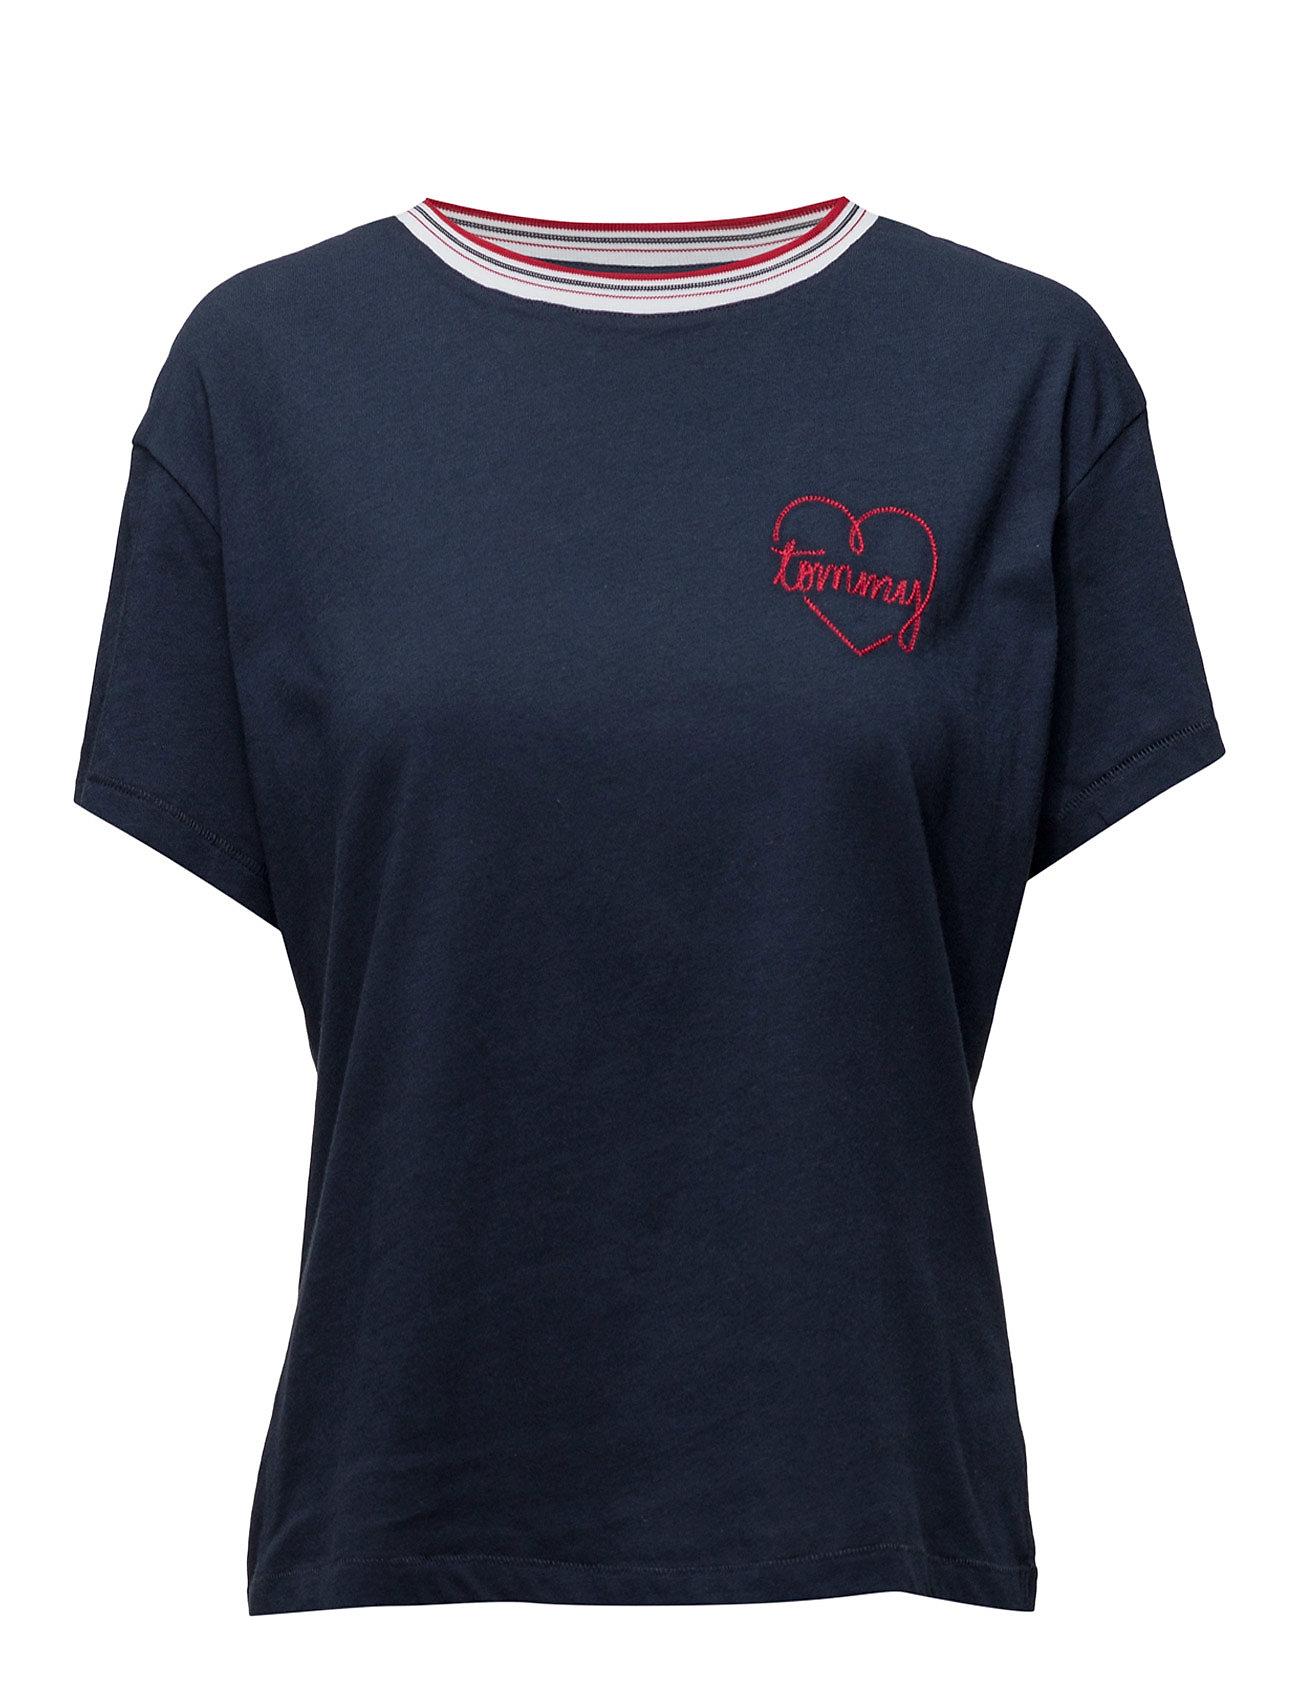 Thdw Cn T-Shirt S/S 20 Hilfiger Denim Kortærmede til Damer i Blå